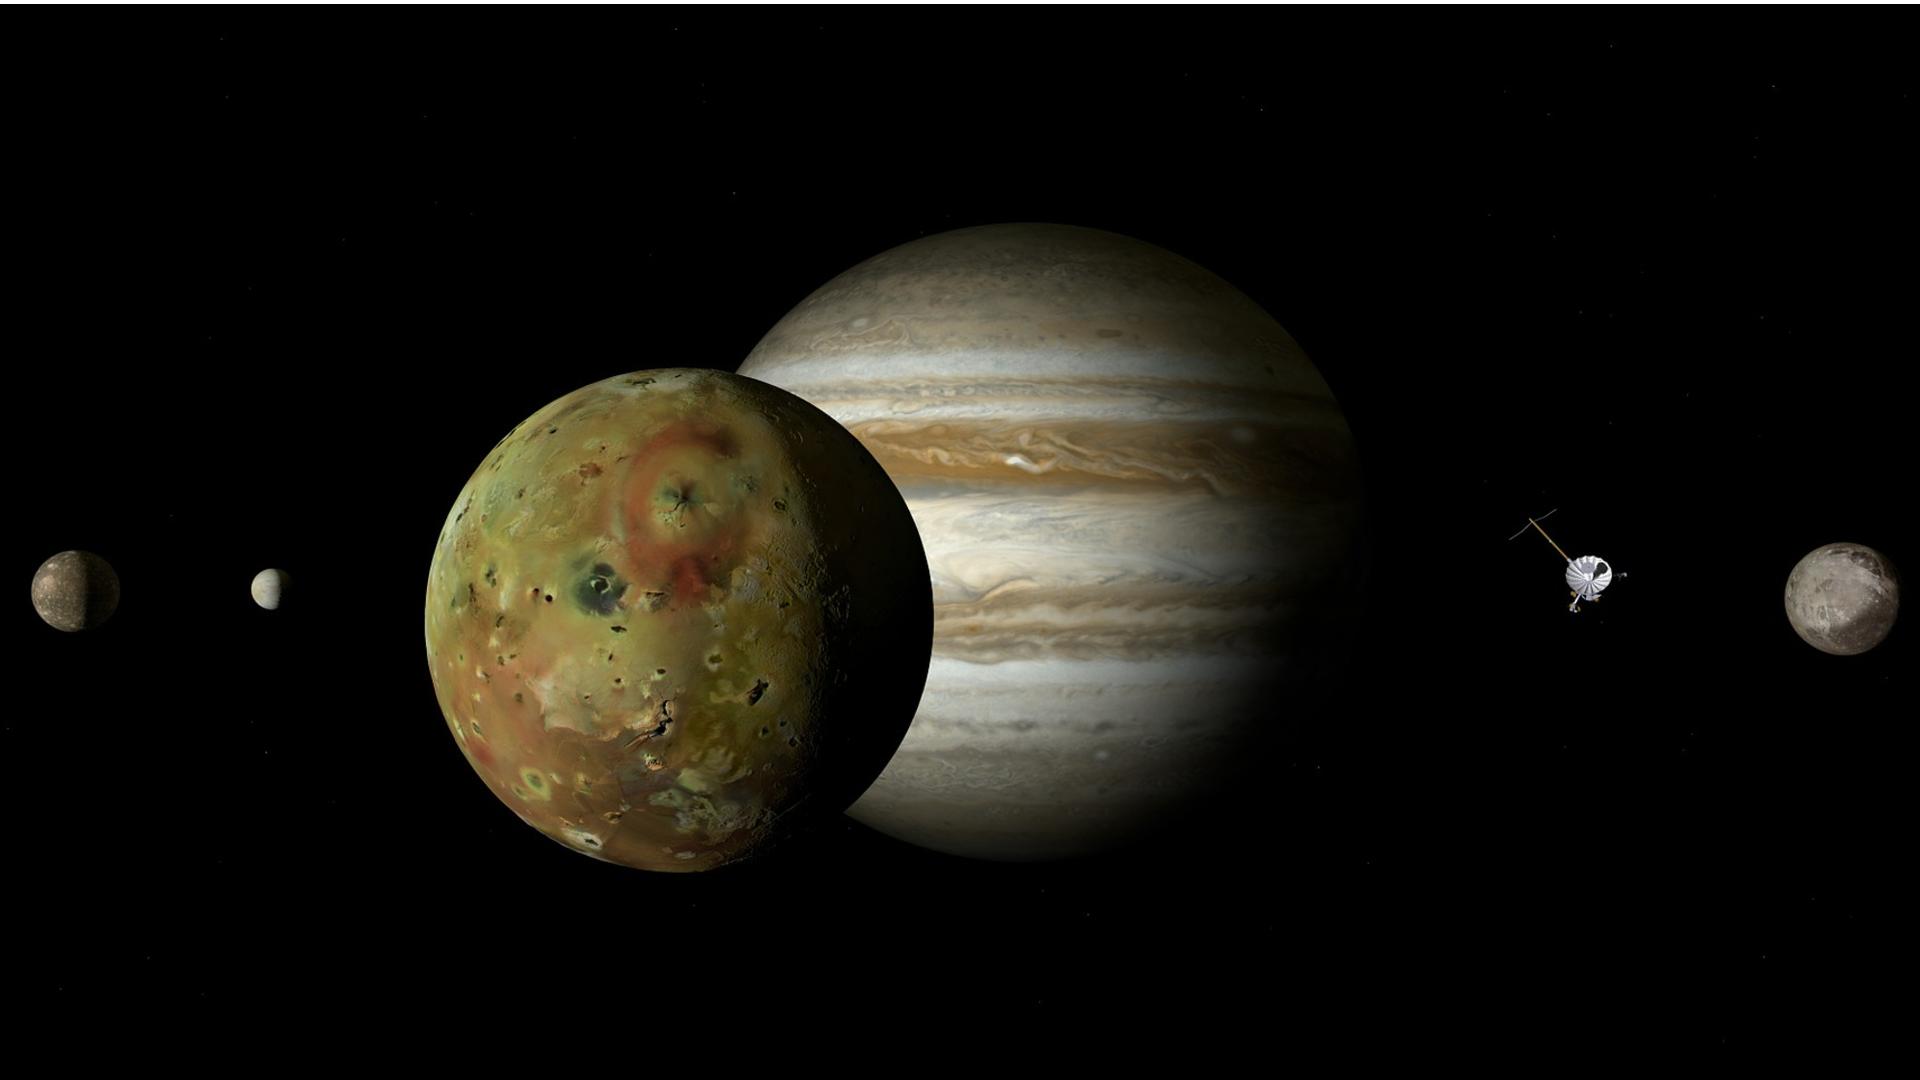 Jupitermond Io: Eine Definition was ihn ausmacht